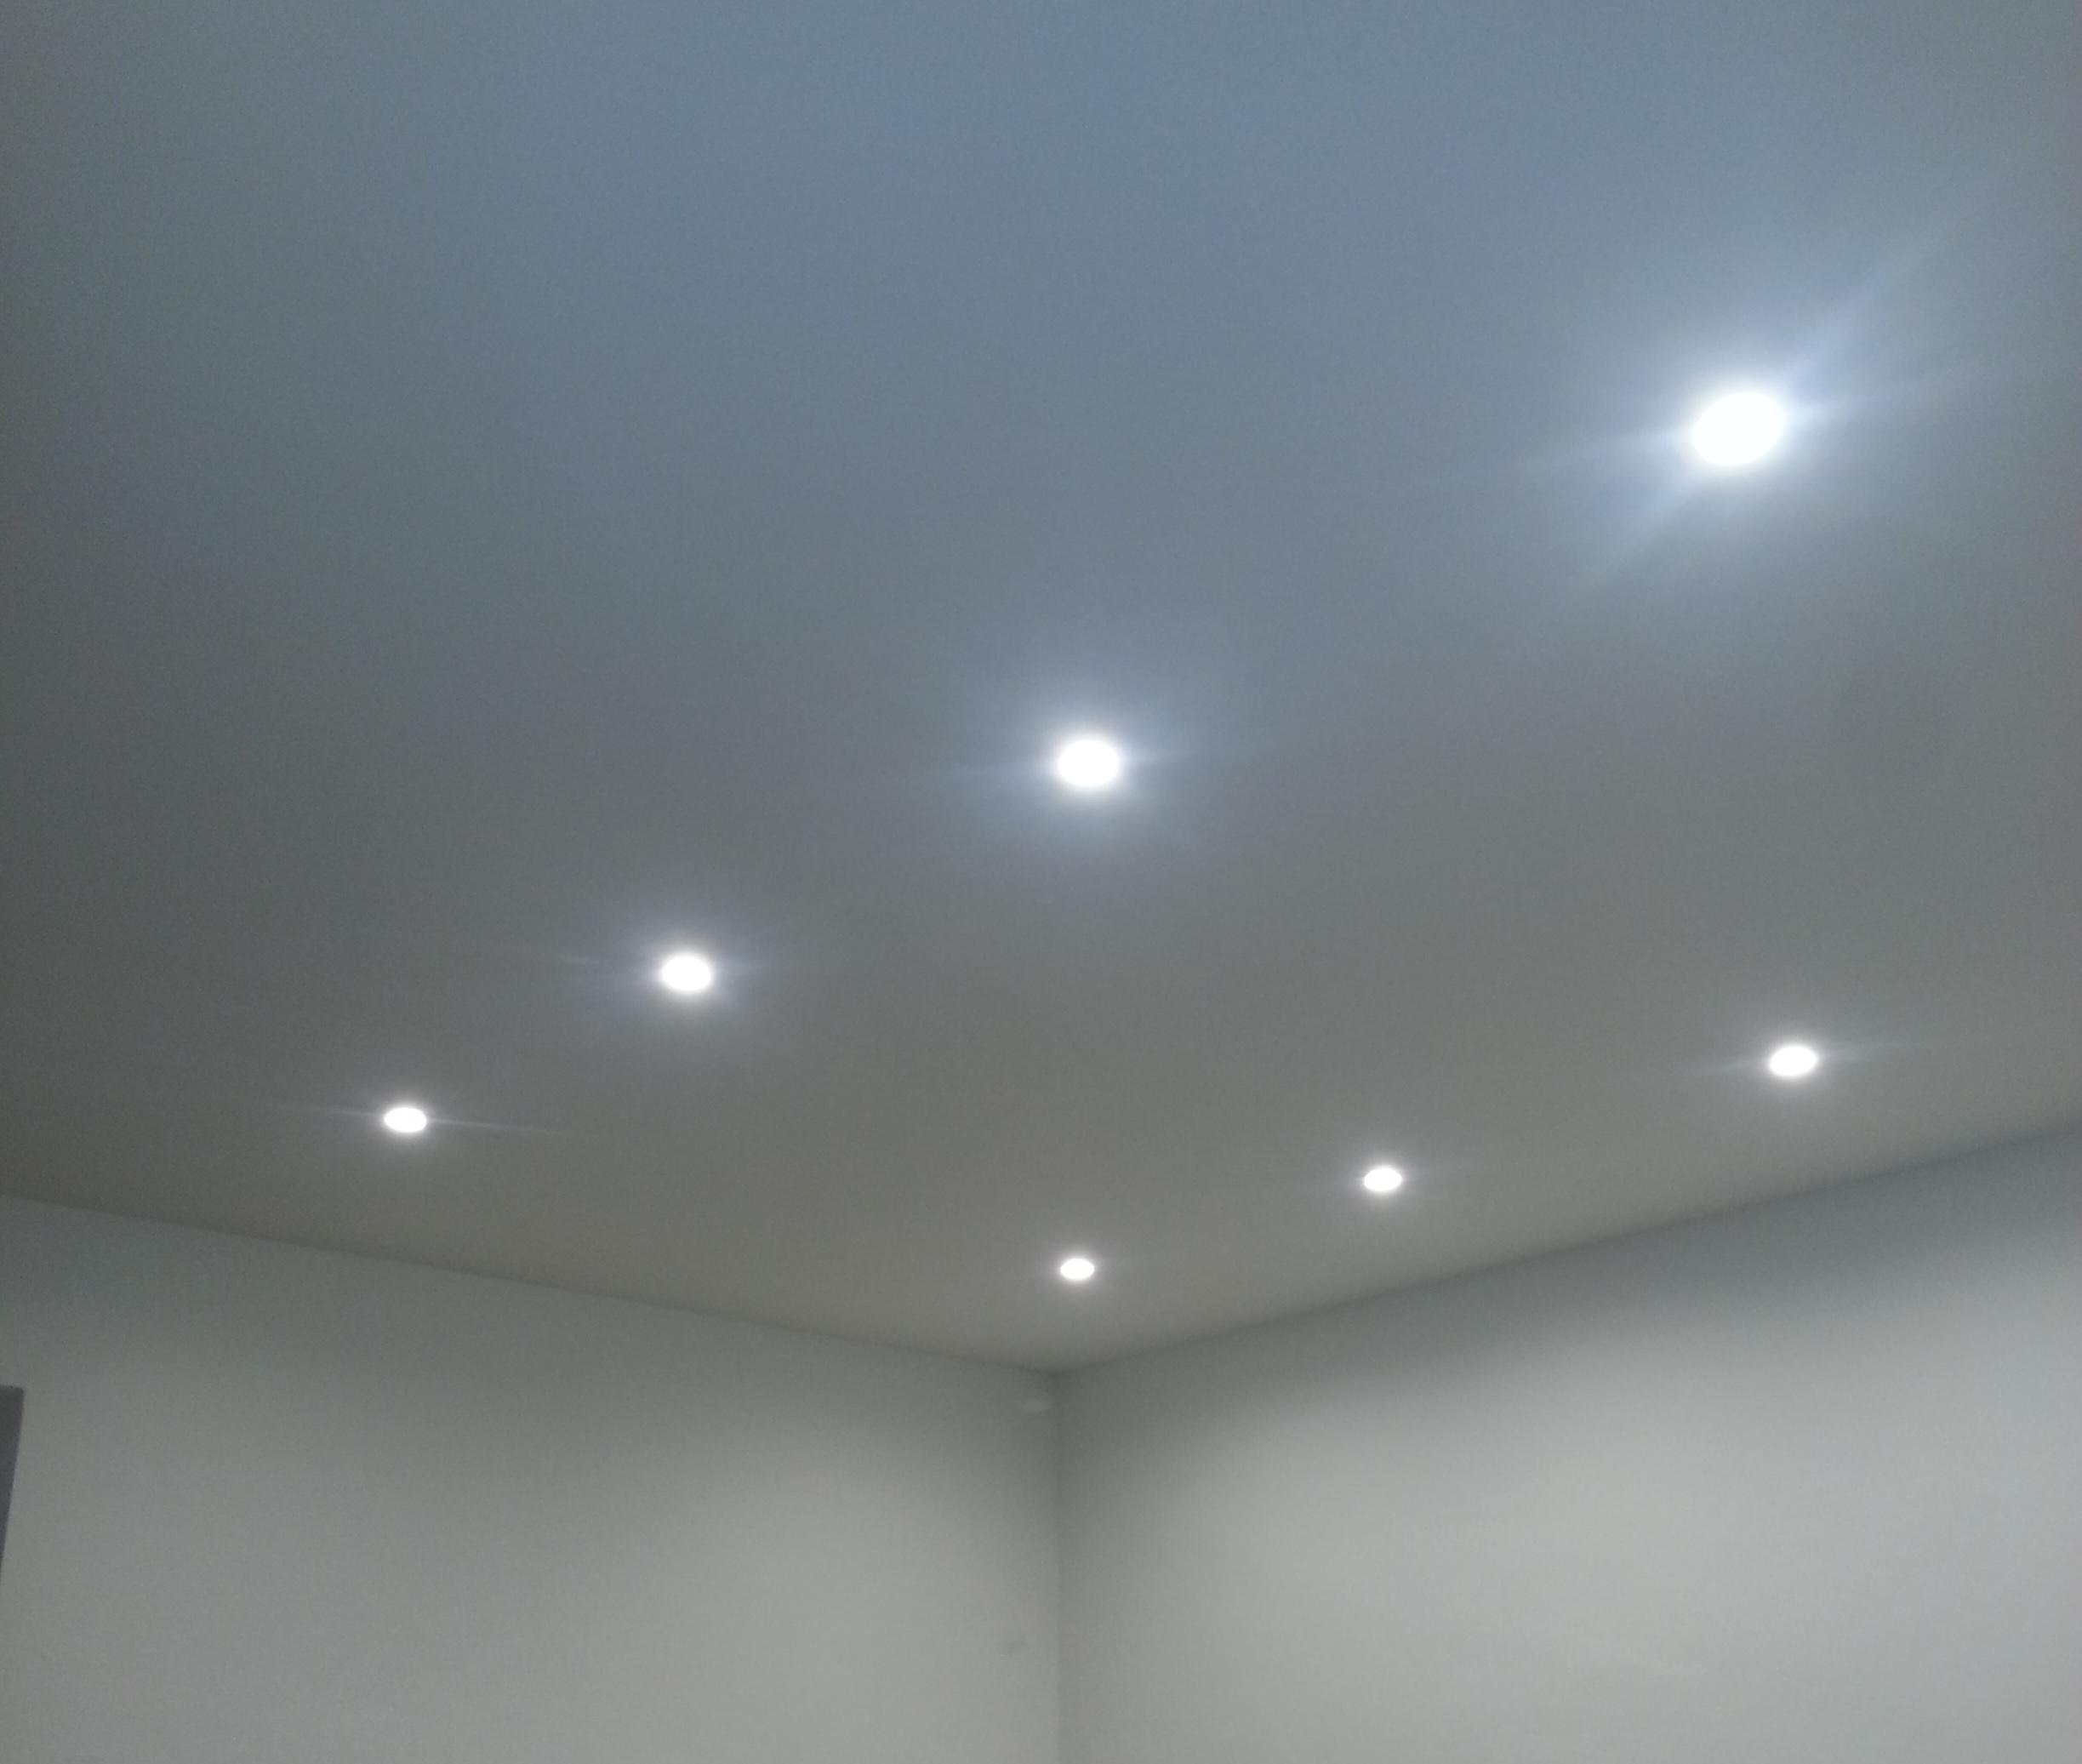 Impianti elettrici illuminazione - Luce per cucina ...